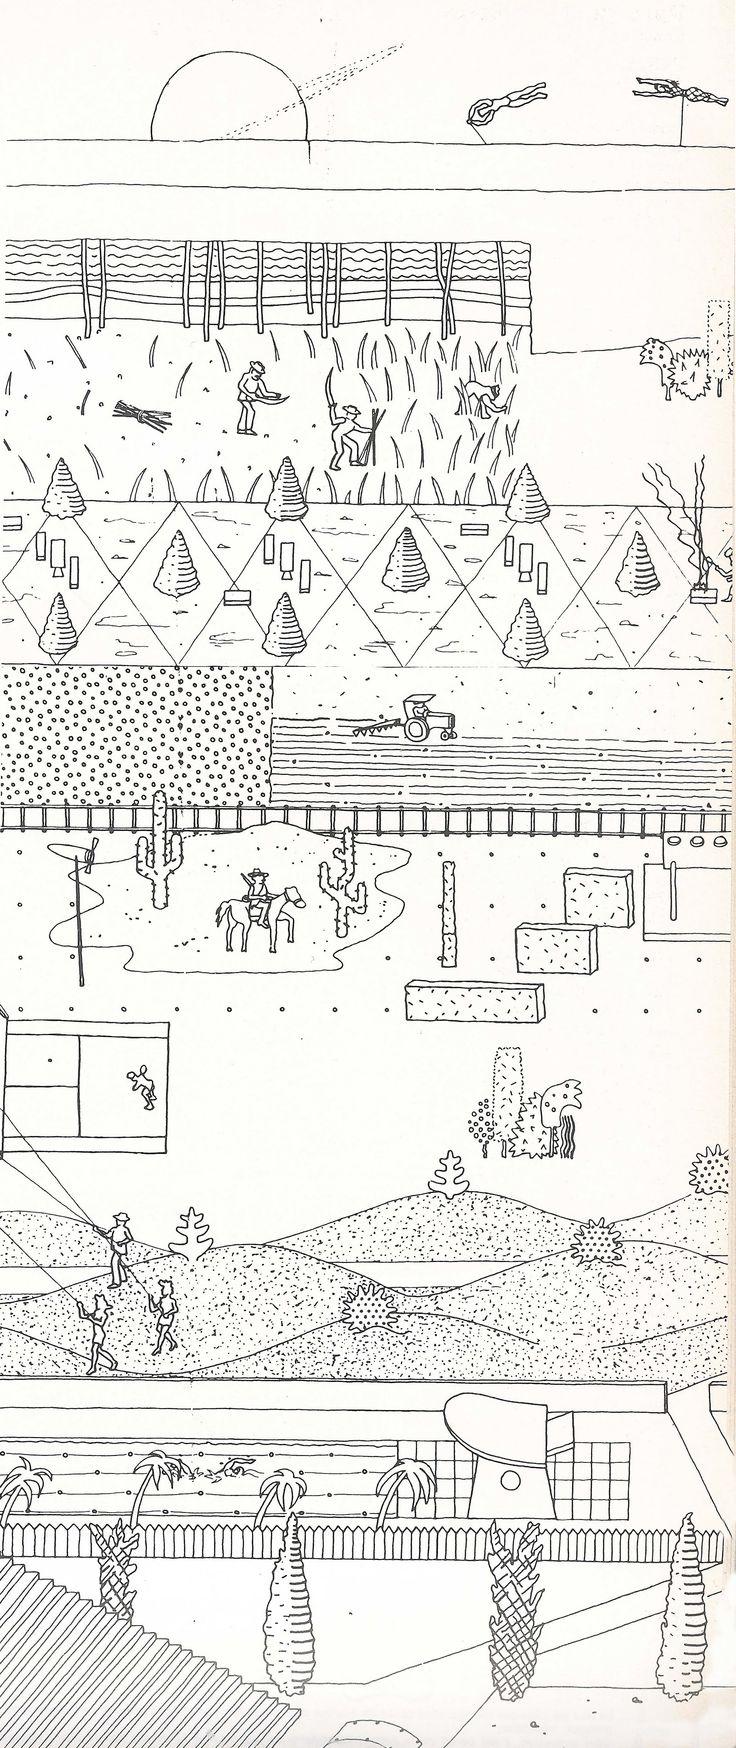 OMA, Compétition pour le parc de la Villette, 1989